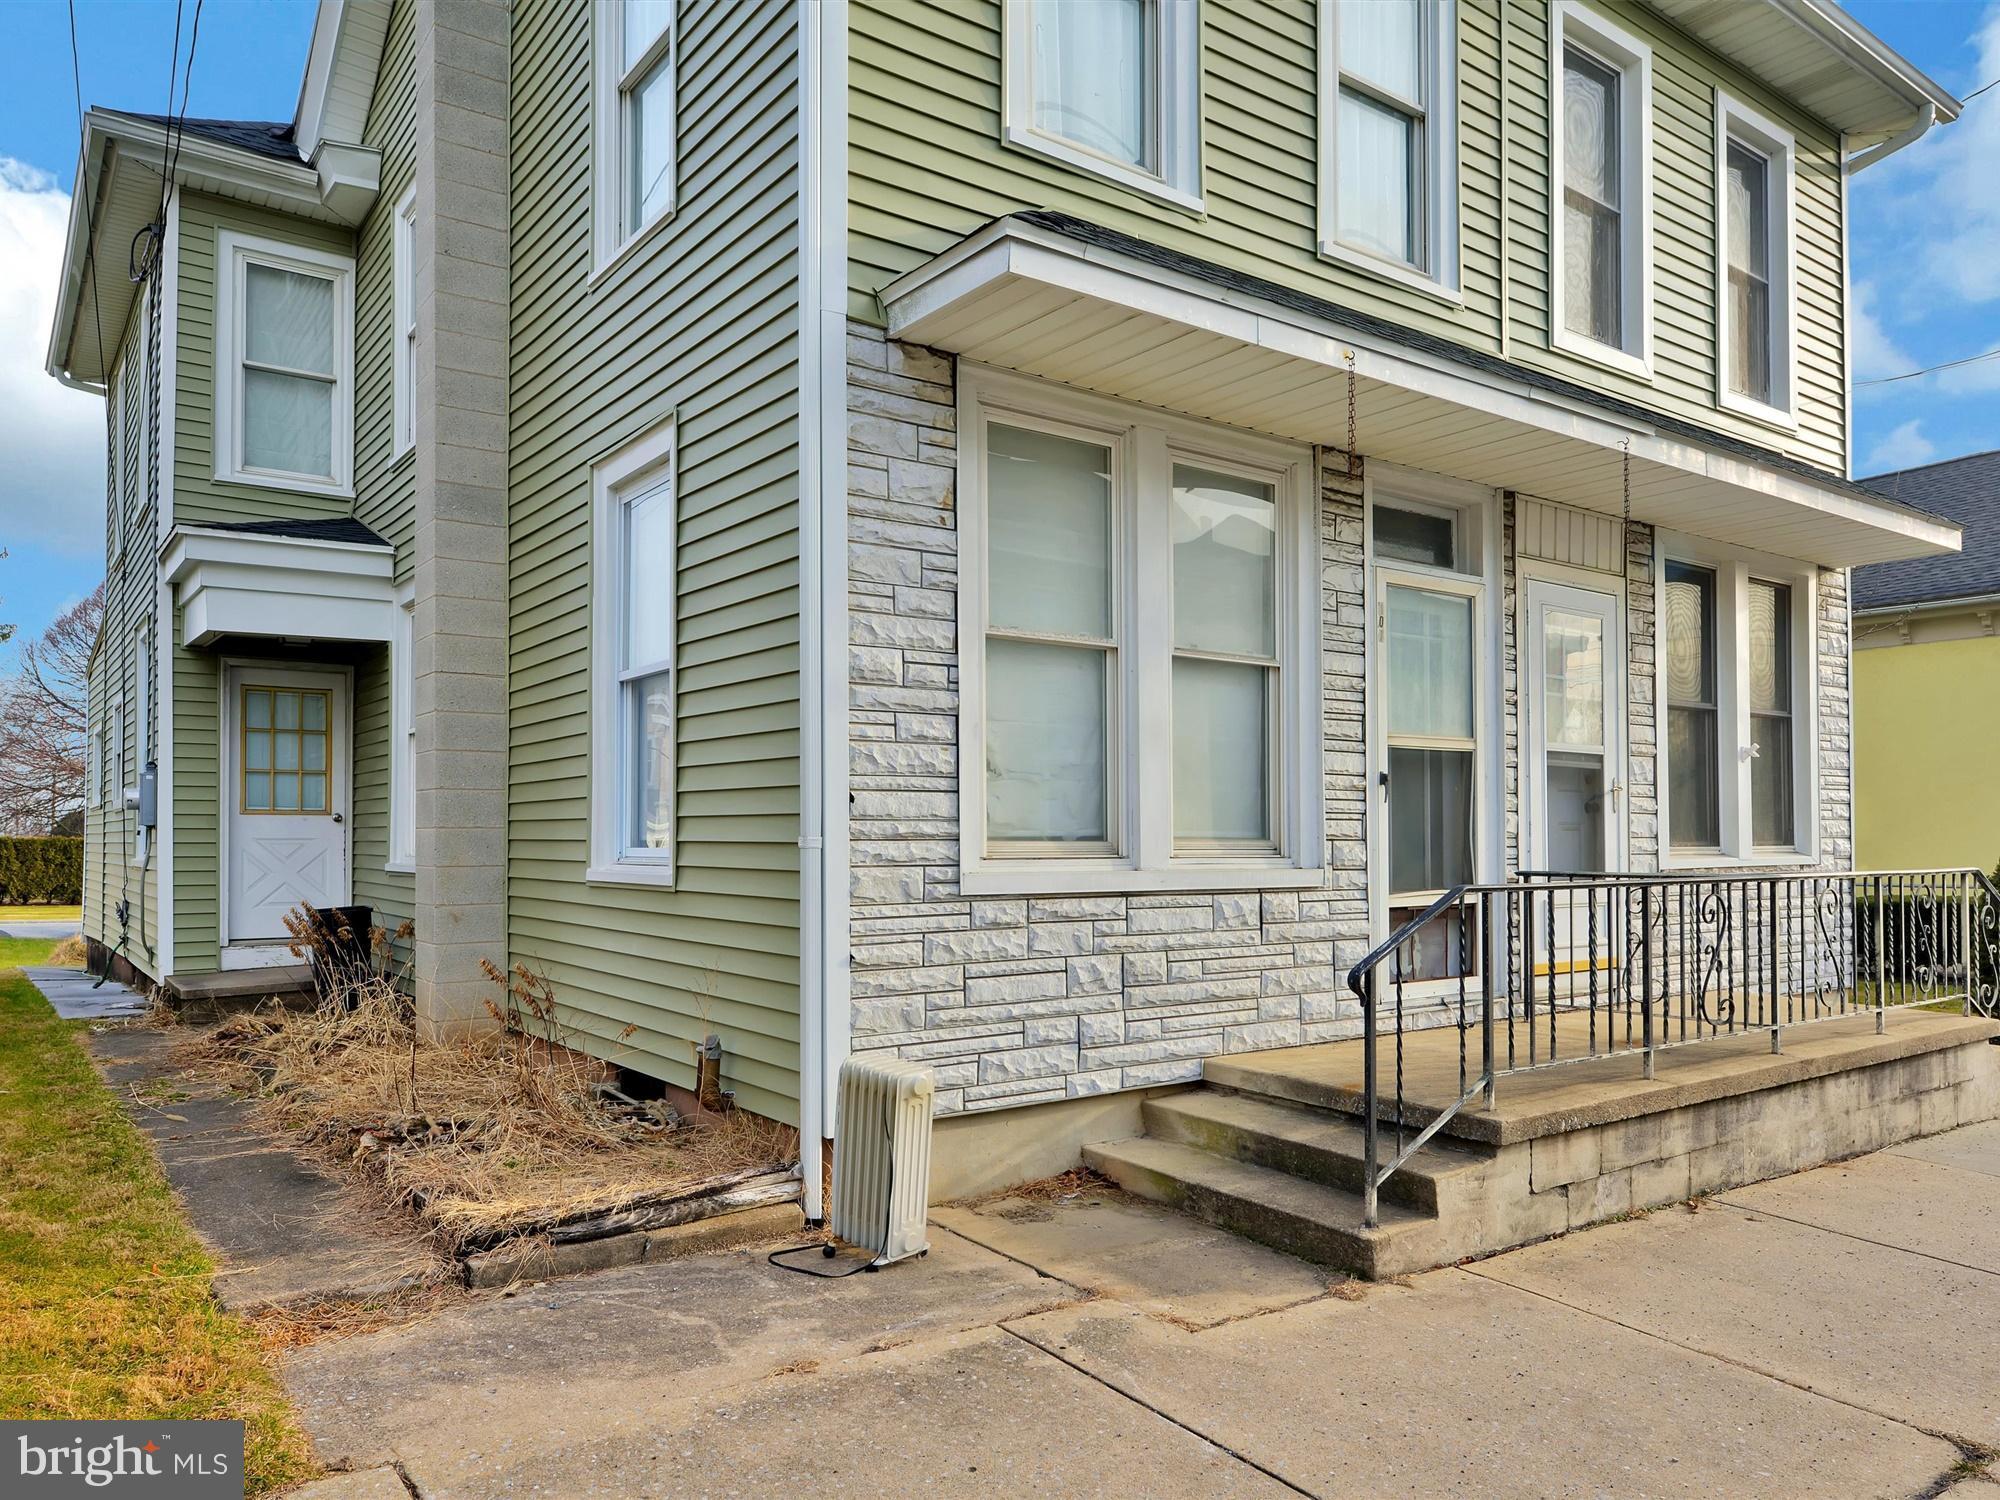 107 E MAIN STREET, RICHLAND, PA 17087